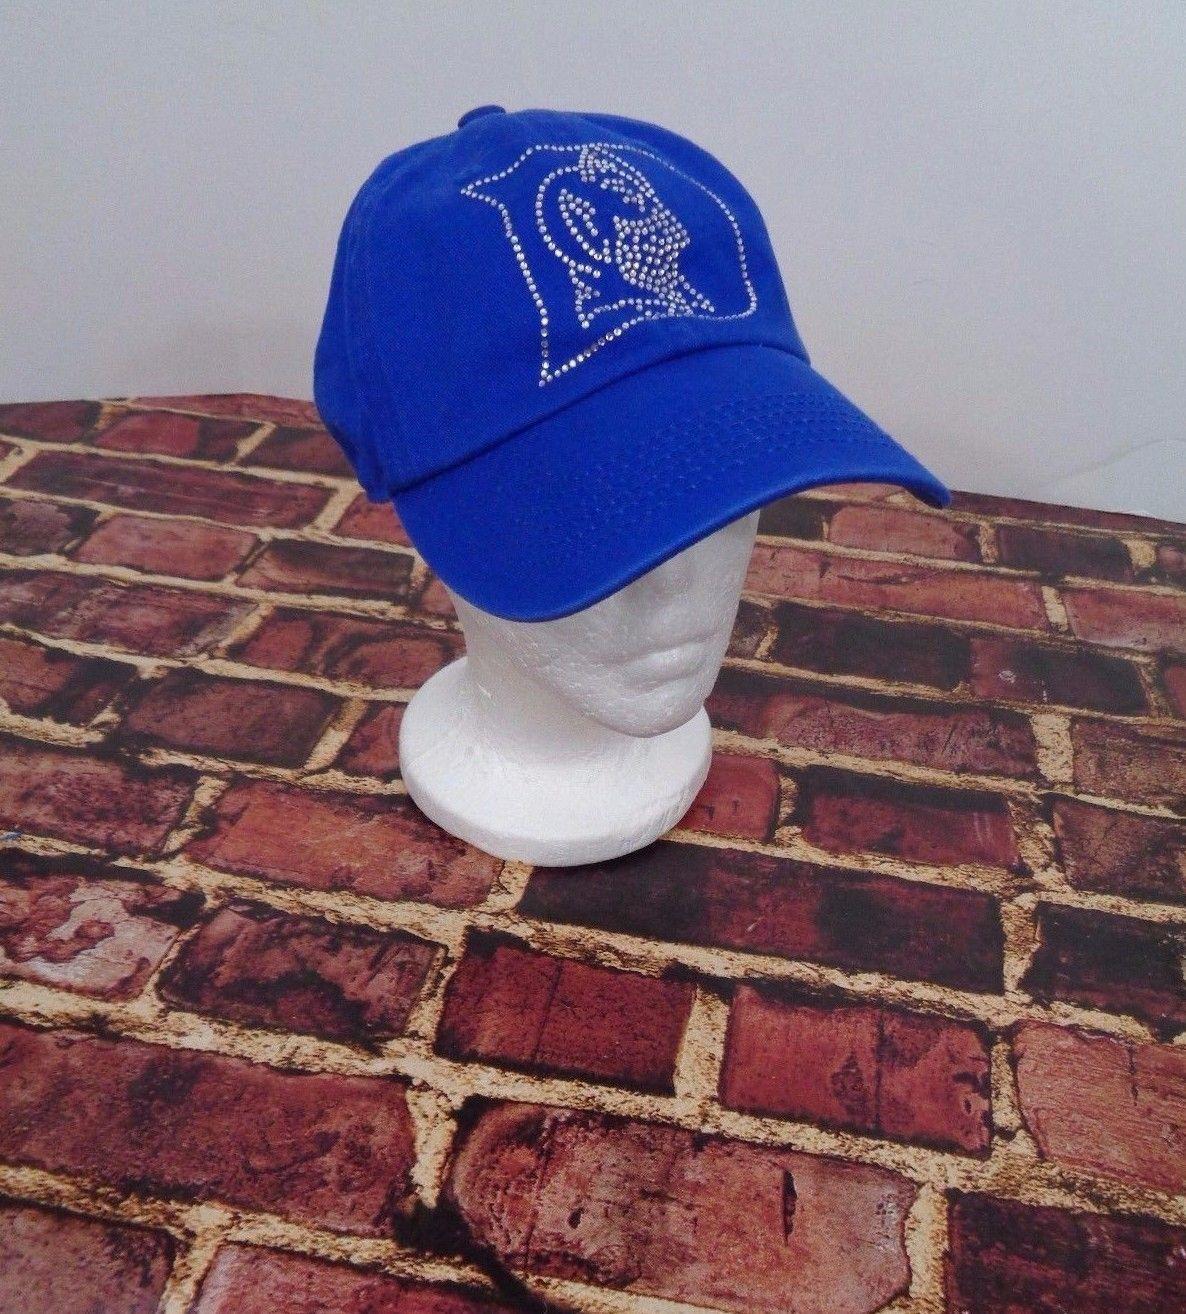 1c9a4ca8ea09b 57. 57. Previous. DUKE UNIVERSITY Blue Devils Blue Womans Cut Cap Hat One  Size NCAA College School · DUKE UNIVERSITY ...